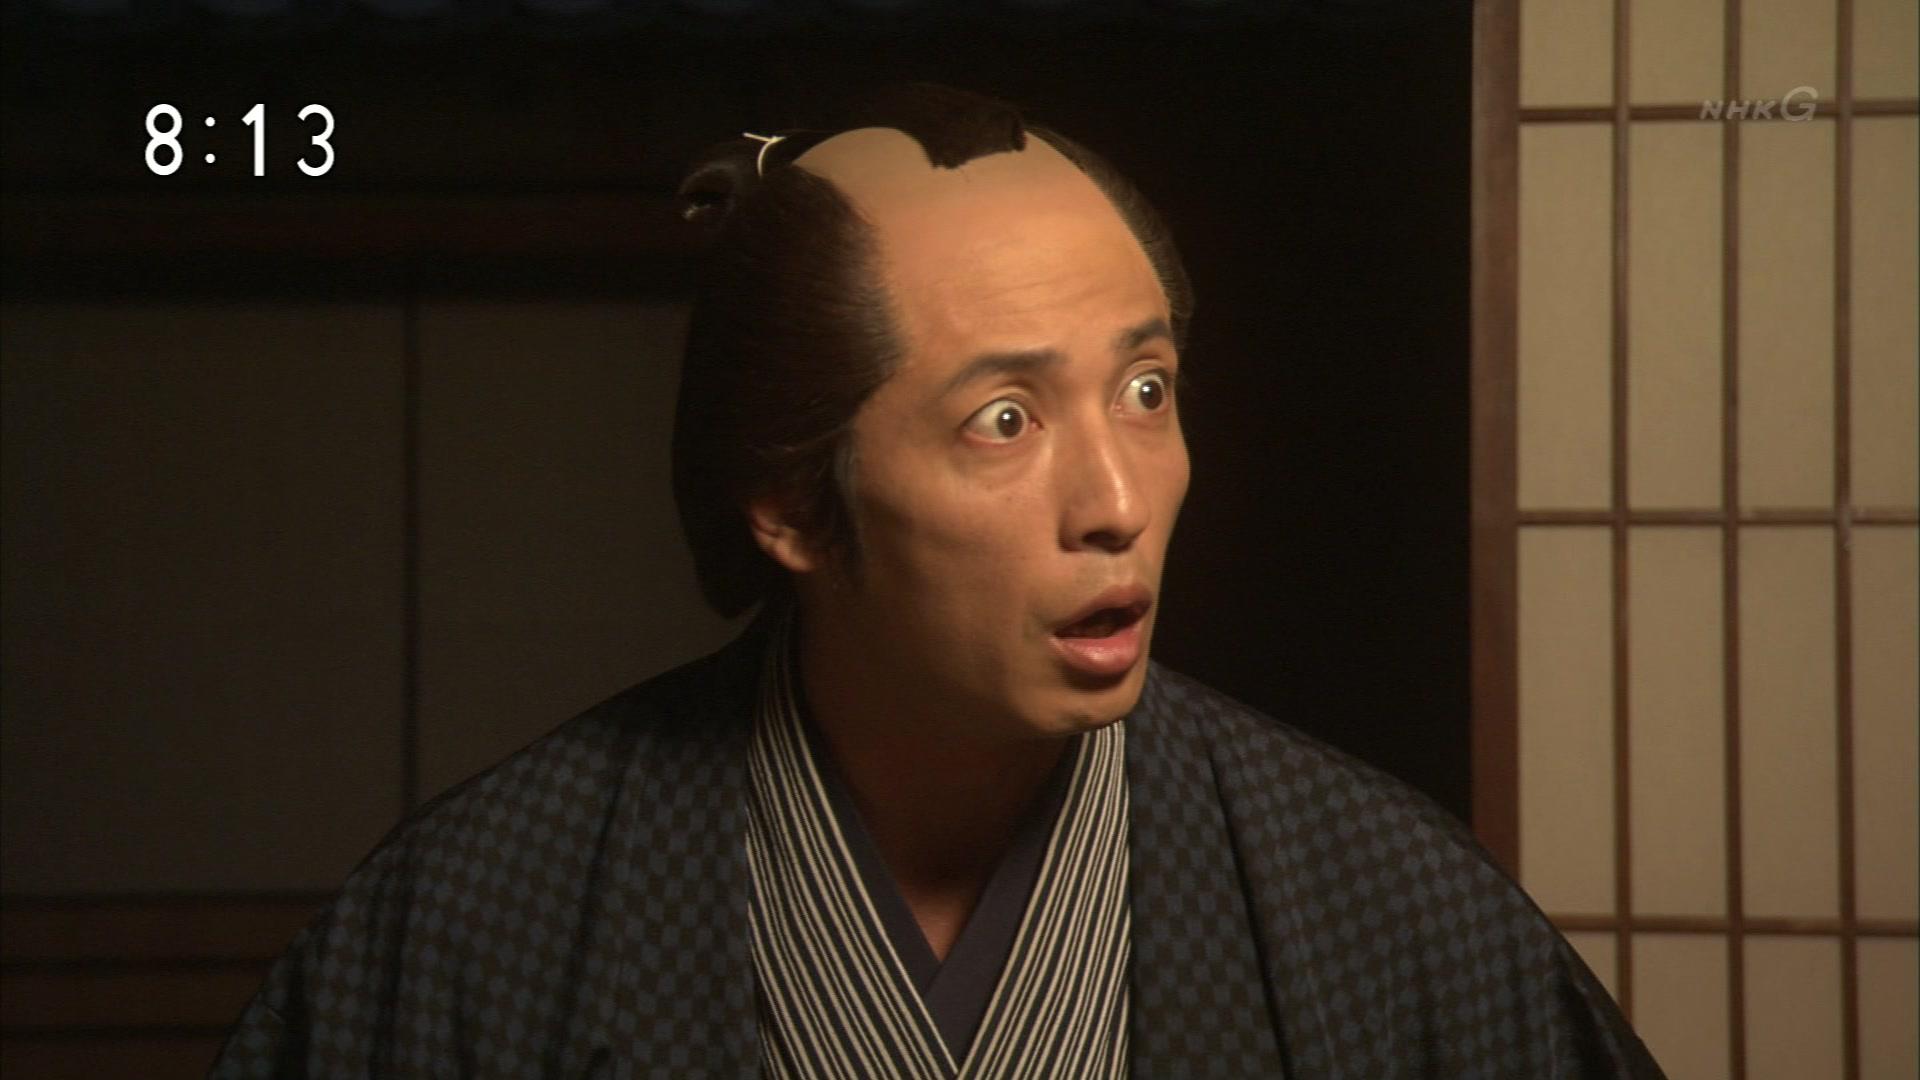 2015-10-19 08:00 連続テレビ小説 あさが来た(19)「若奥さんの底力」 2557